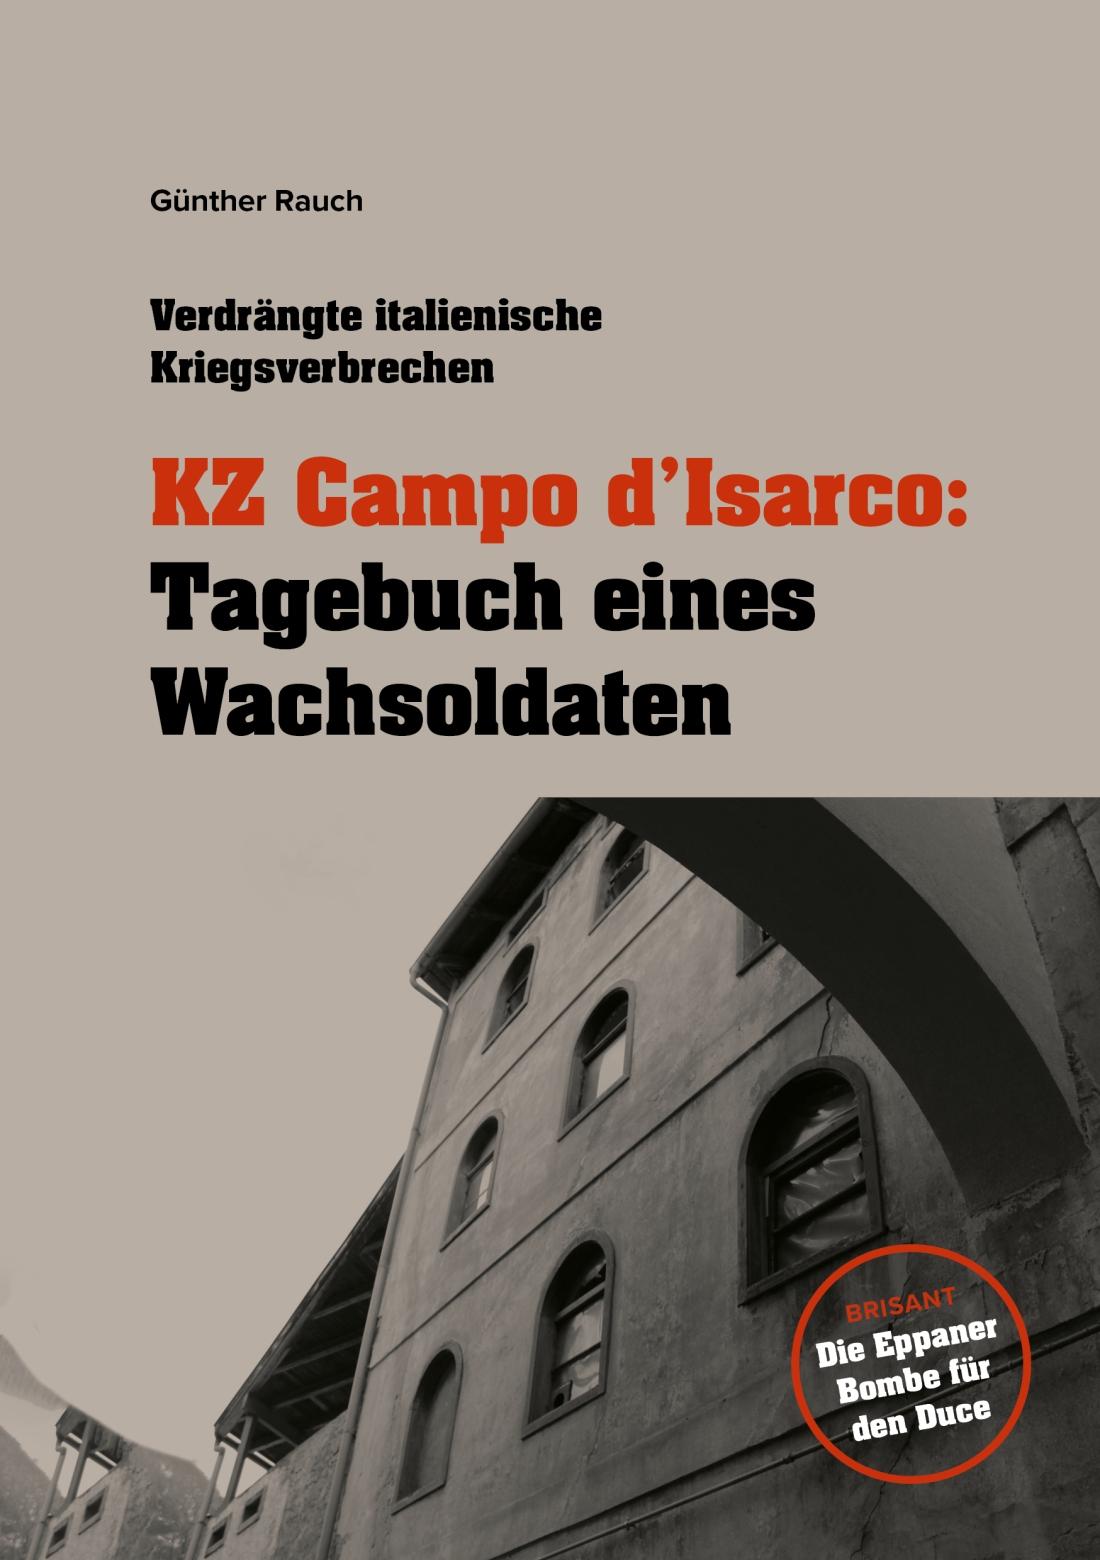 Tagebuch Wachsoldaten Brisanz Attentat in Eppan